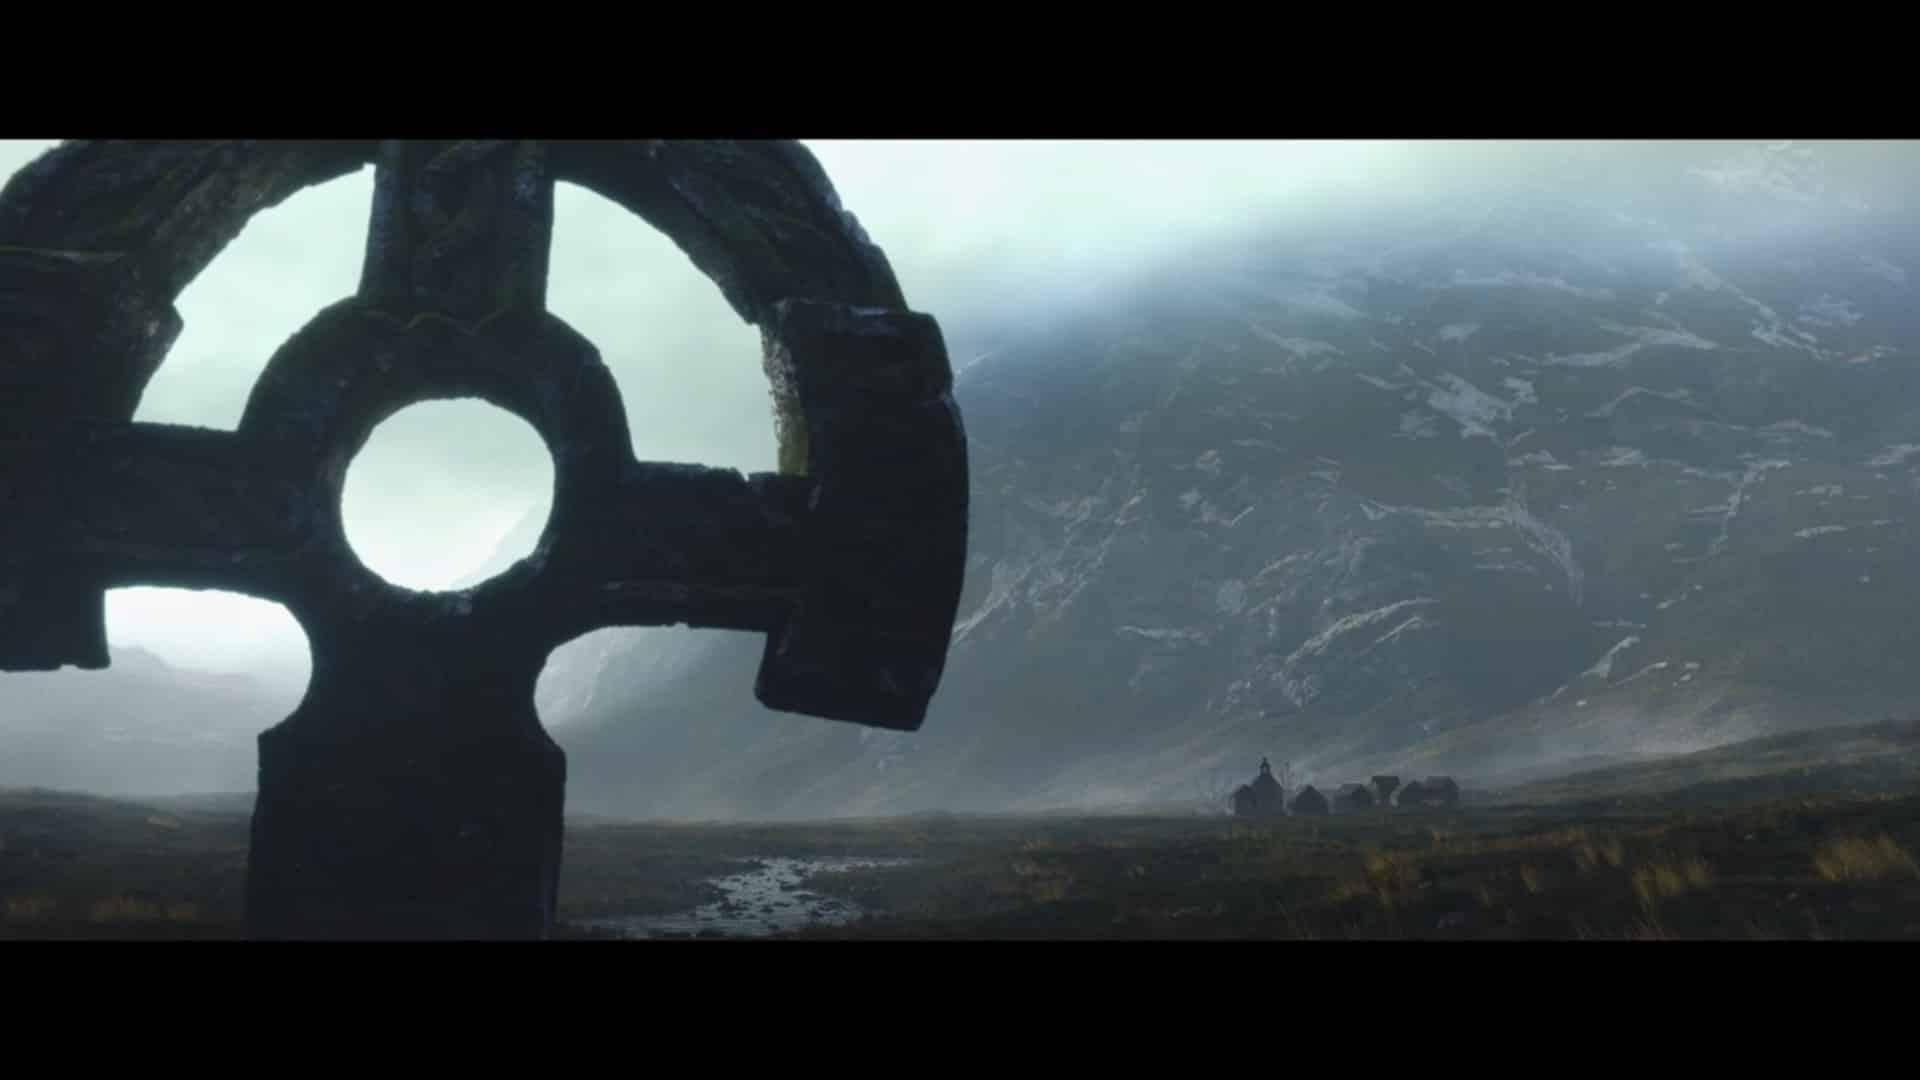 diablo-4-cinematique-introduction-information-details-blizzcon-2019